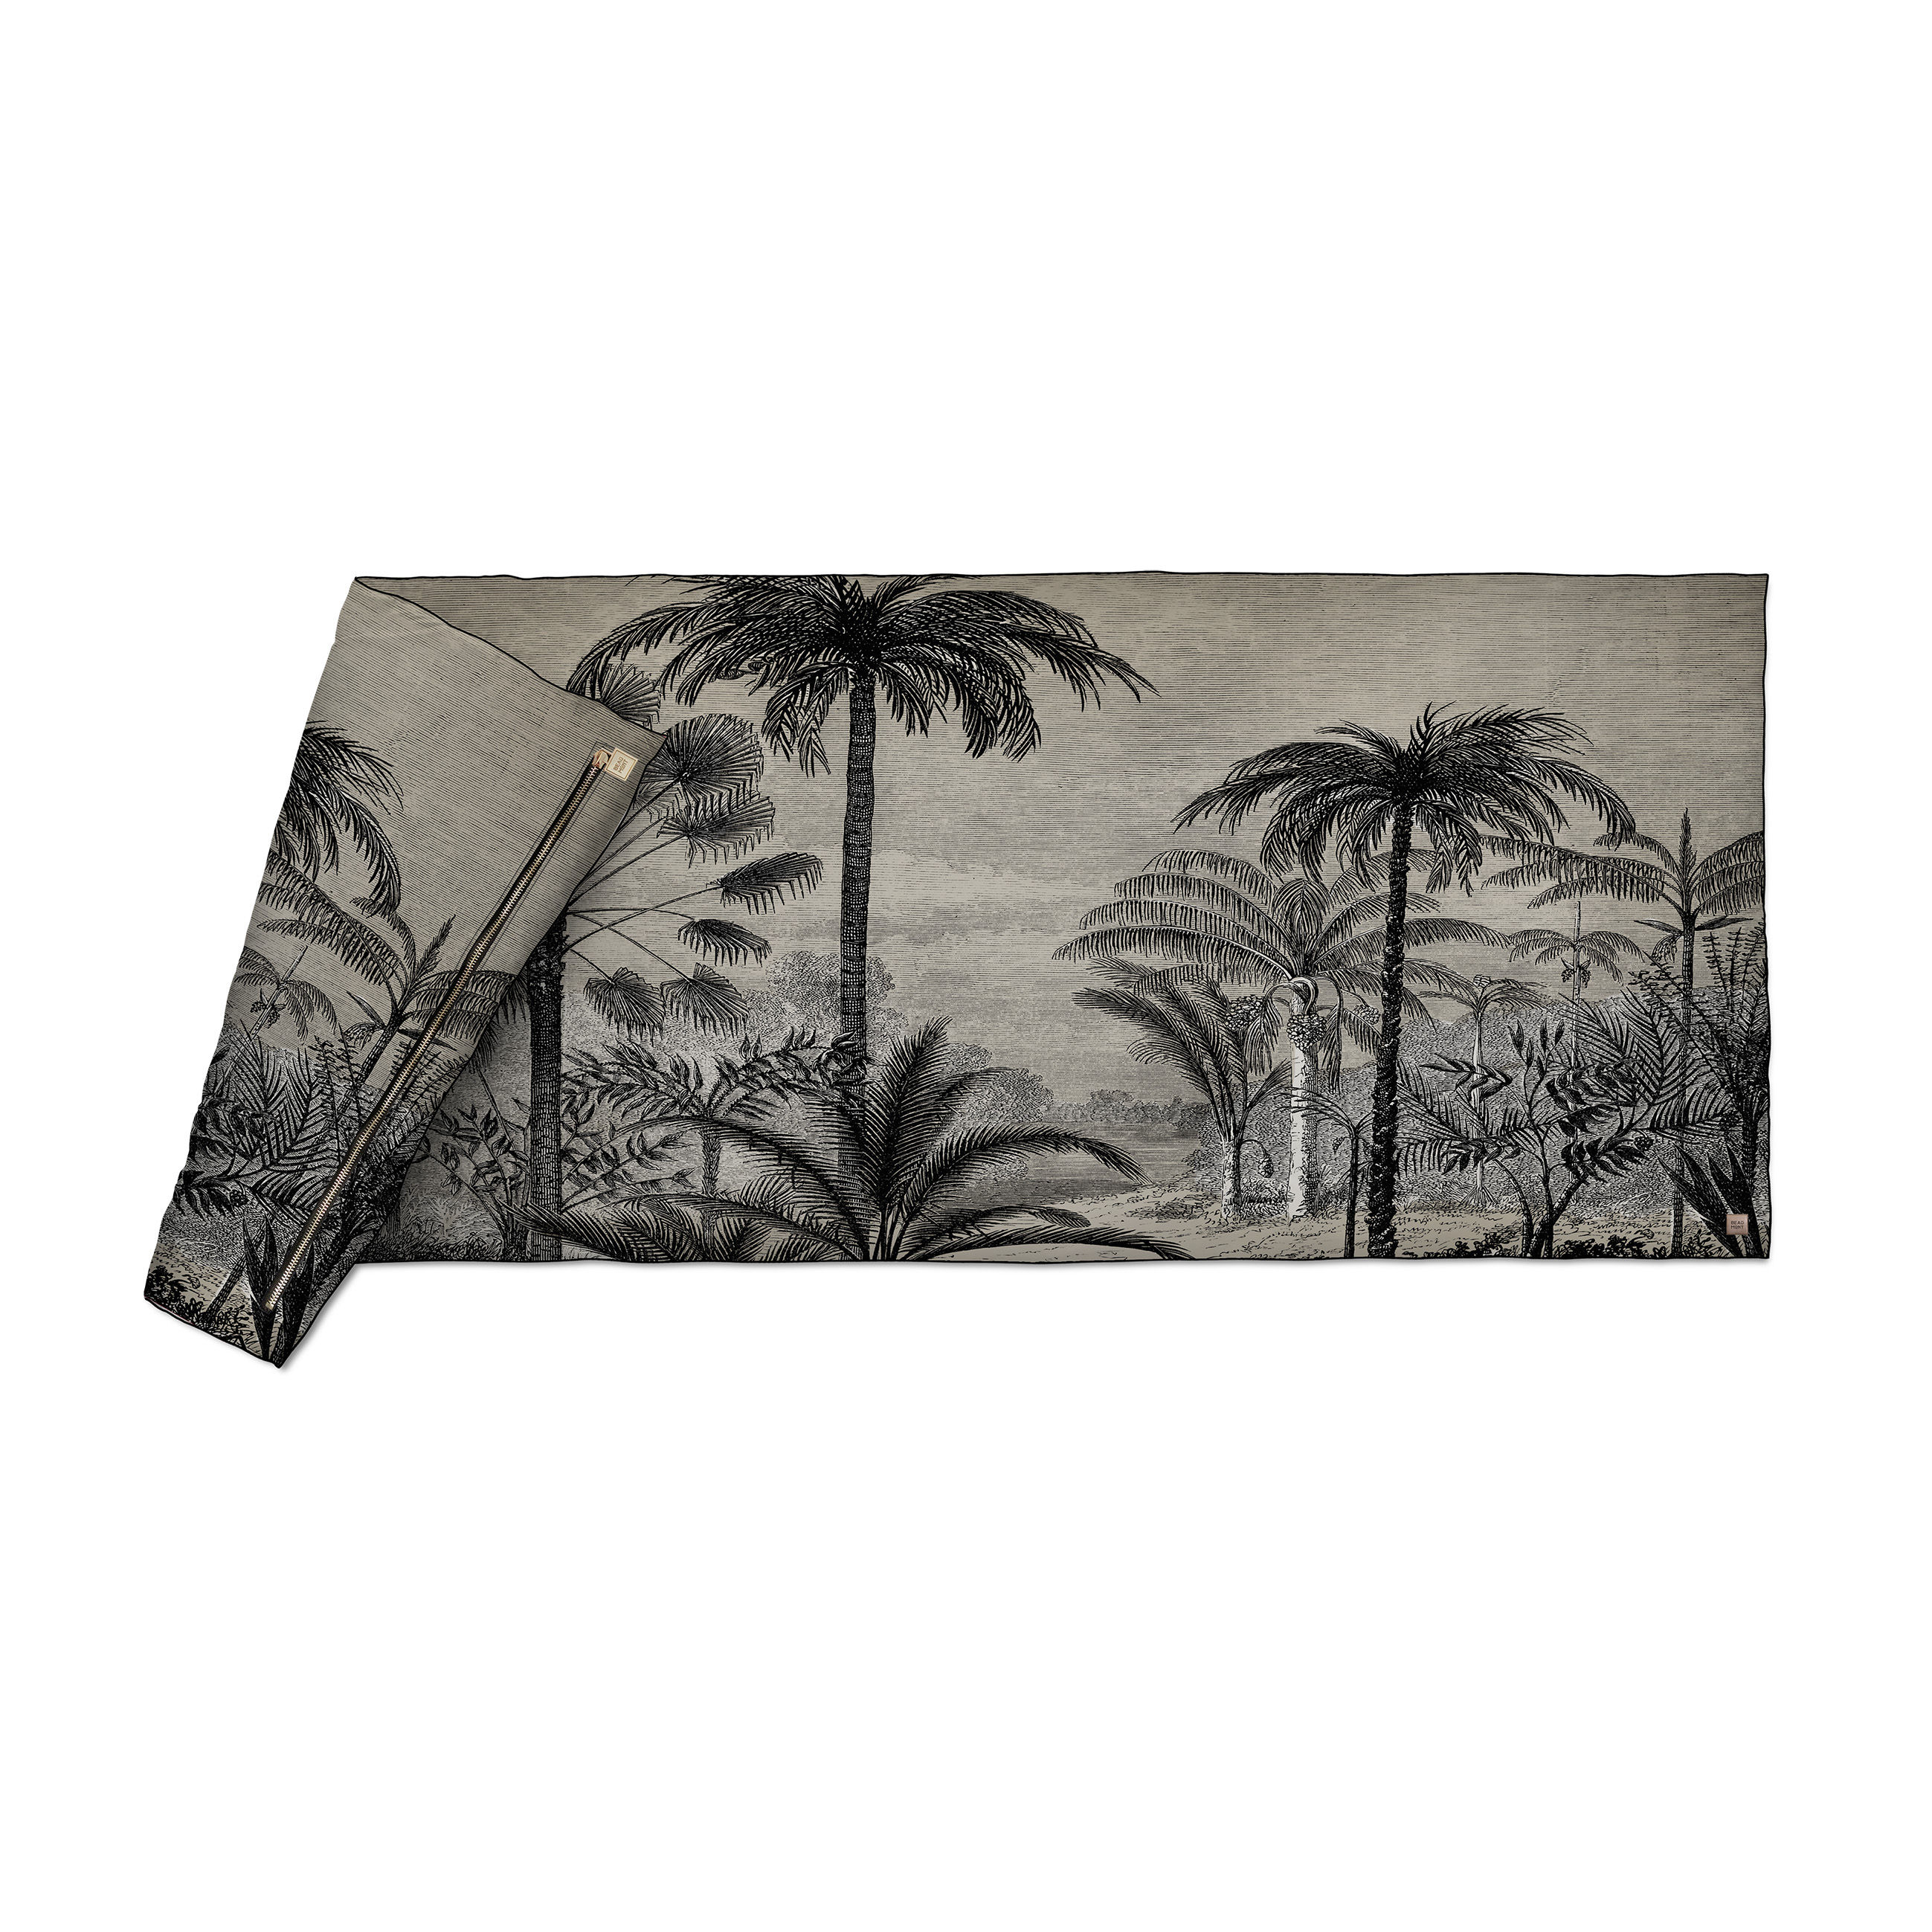 Dekoration - Wohntextilien - Tresors Plaid / Velours  - 85 x 200 cm - Beaumont - Palmen Nr. 1 / Schwarz & weiß - Gewebe, Polyesterfaser, Velours